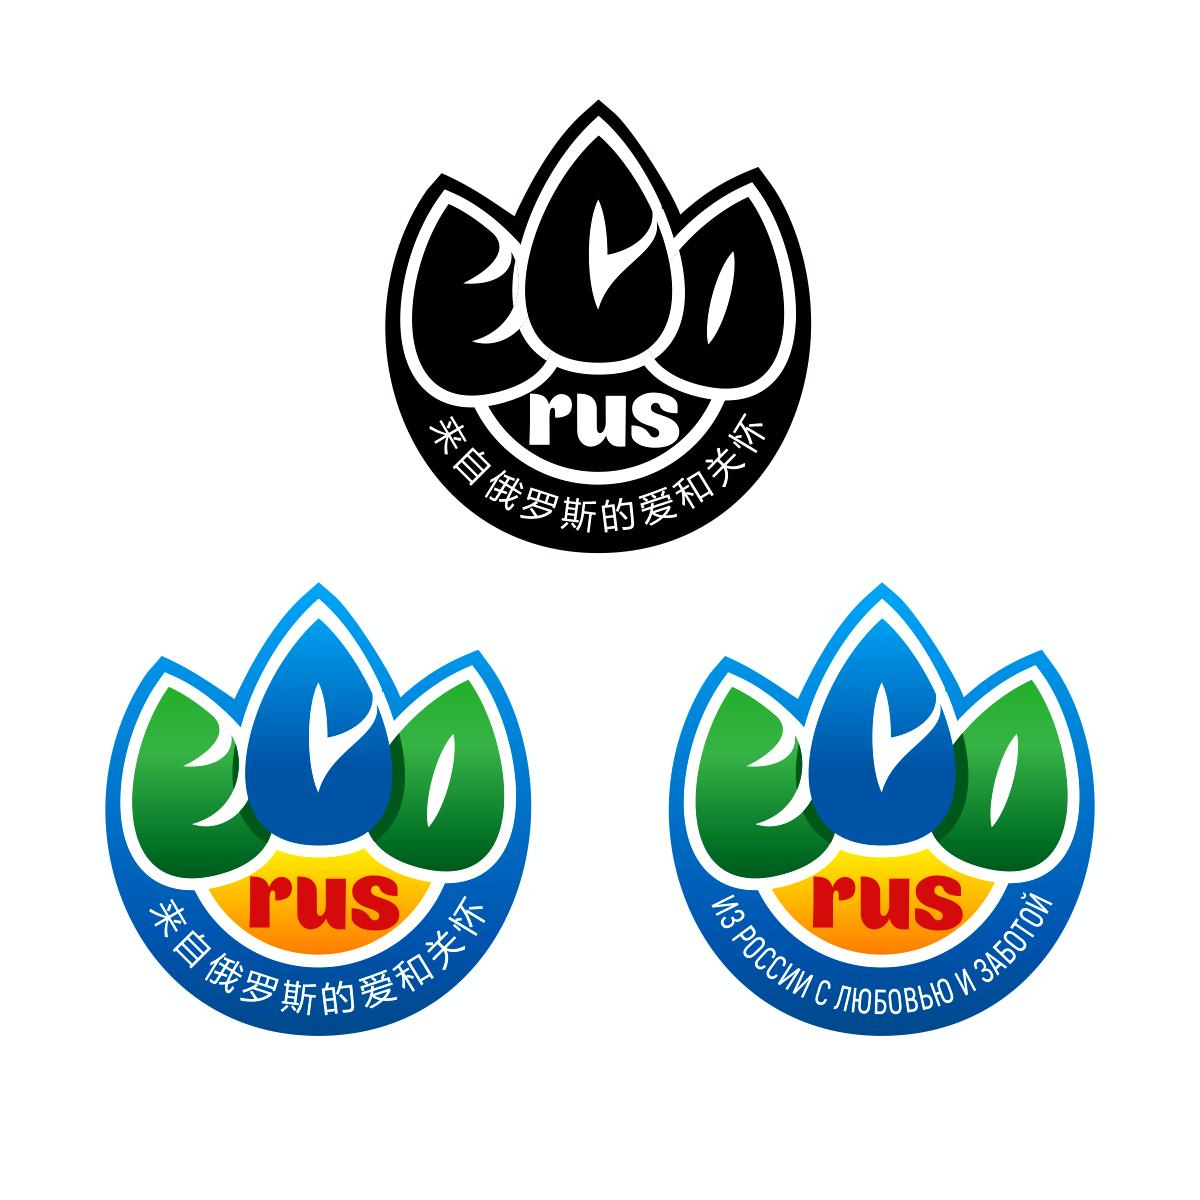 Логотип для поставщика продуктов питания из России в Китай фото f_4365ebcb01b7c9d5.png